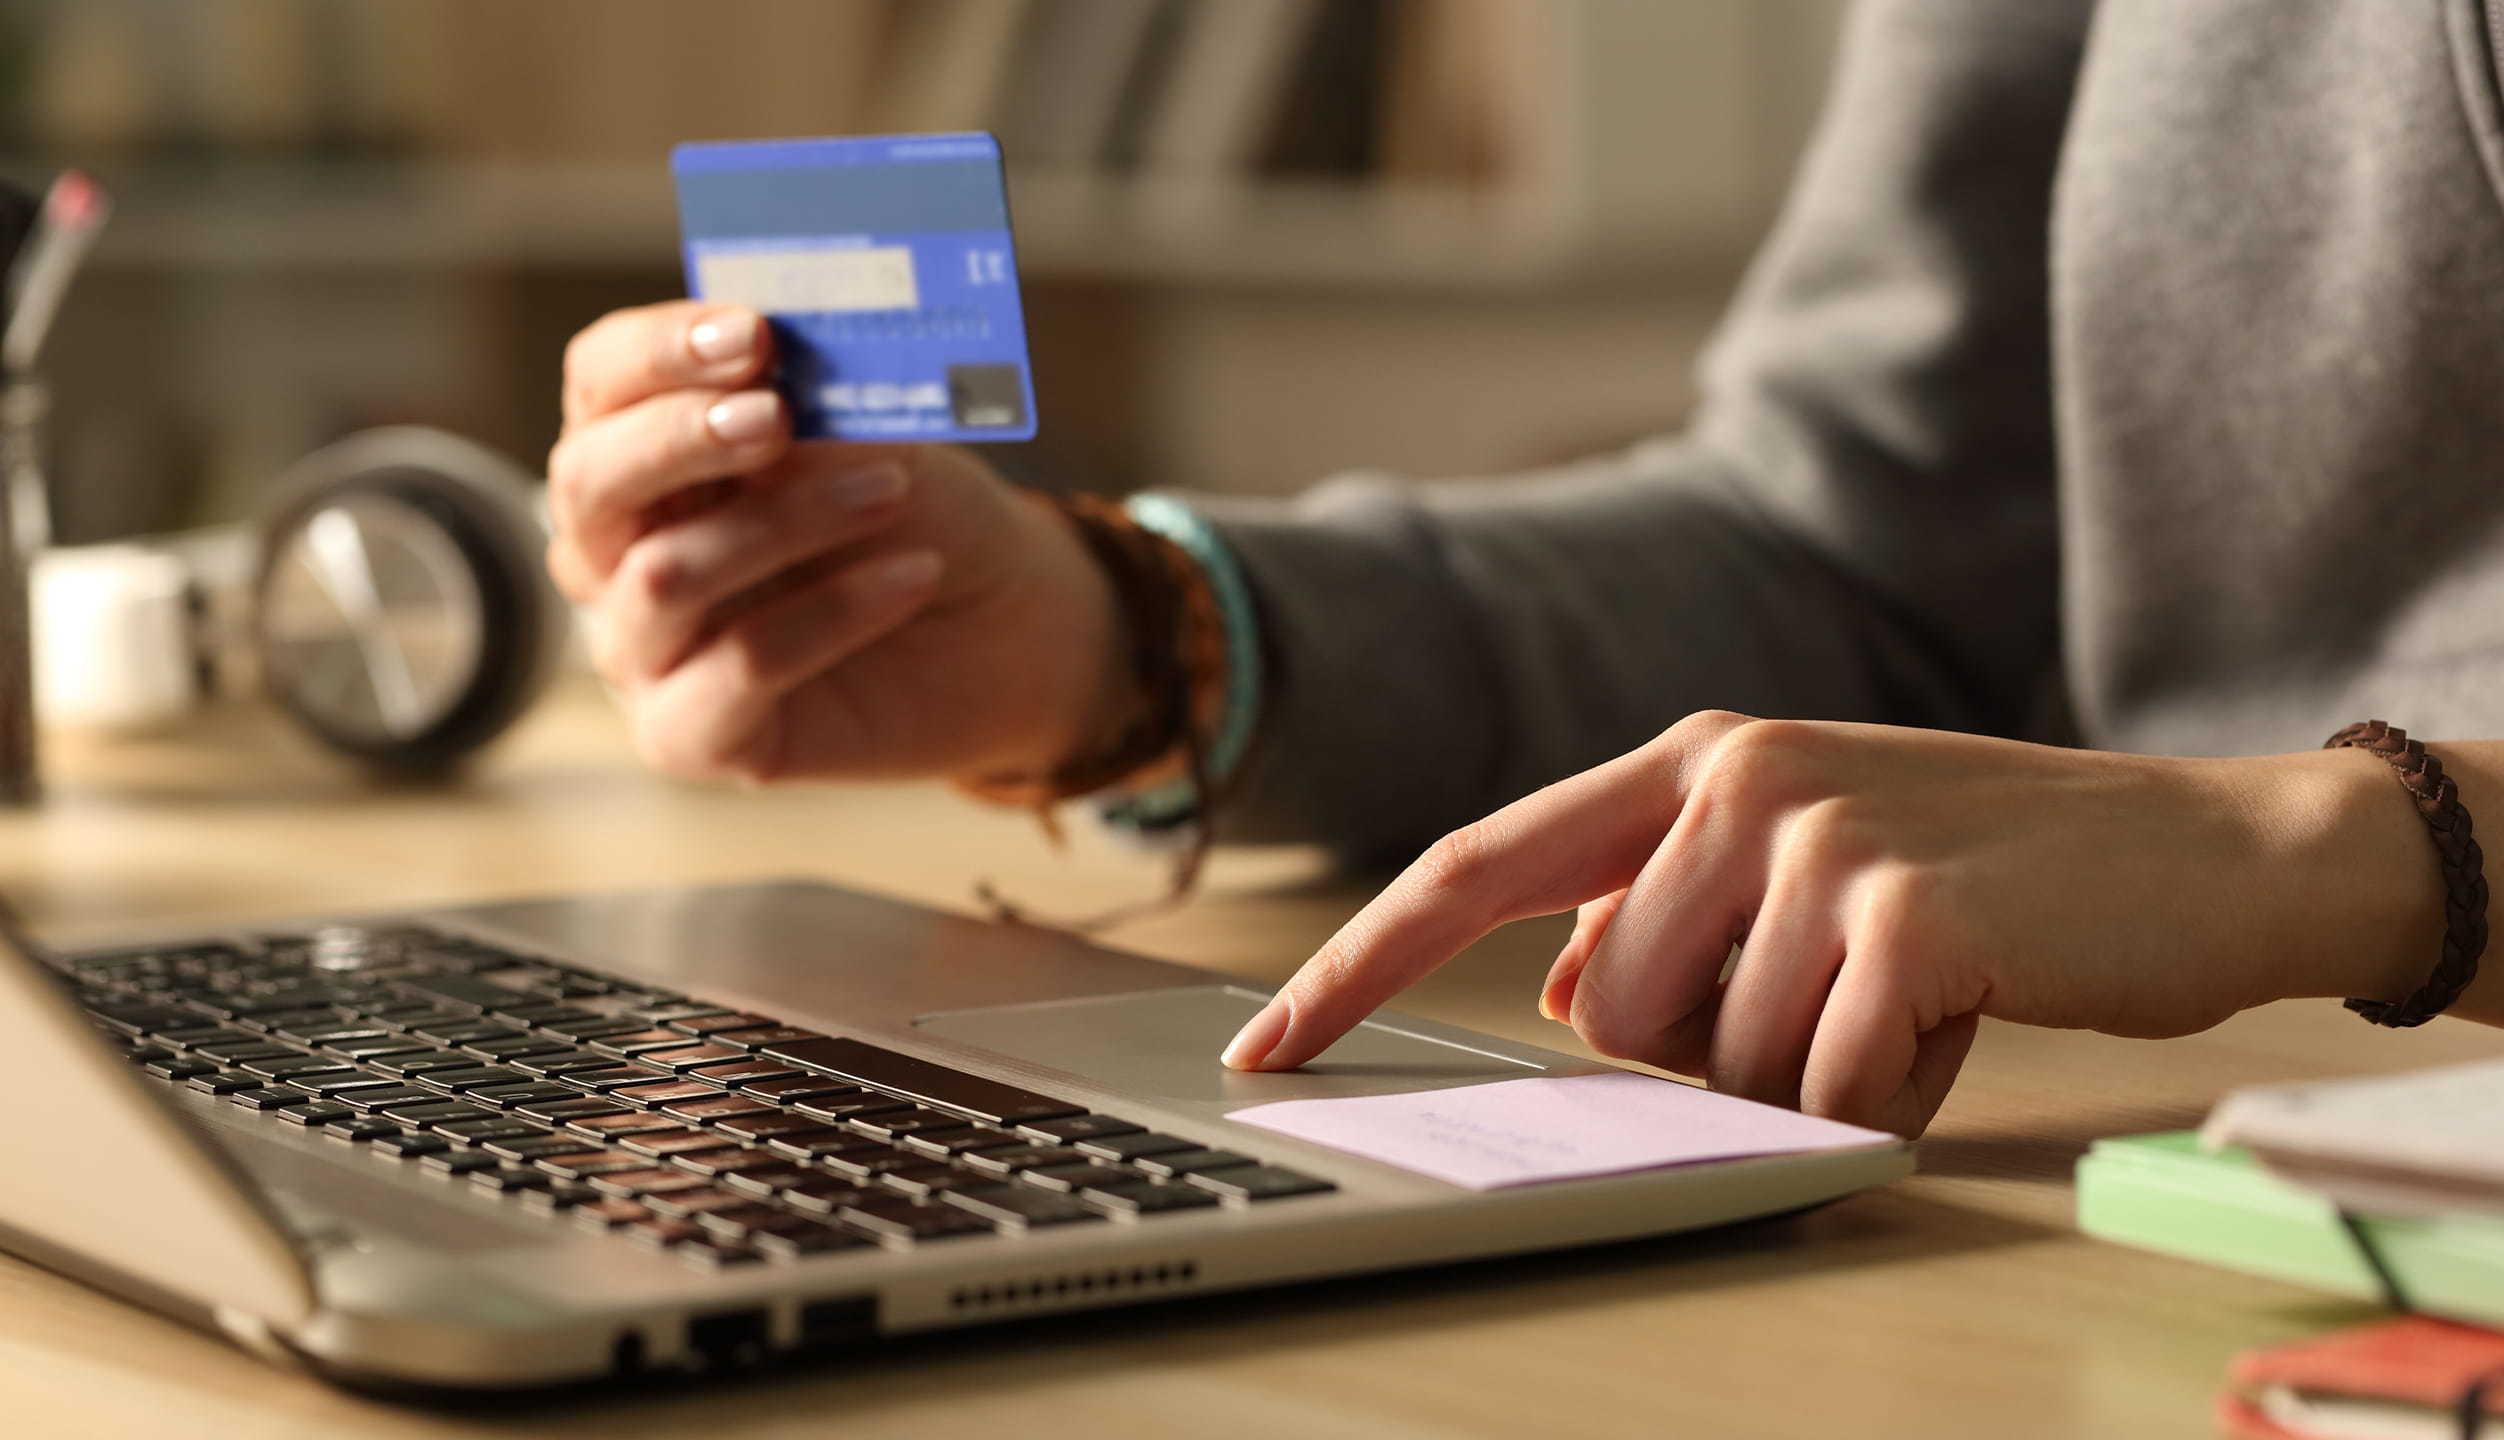 美国用户月均订阅支出达273美元